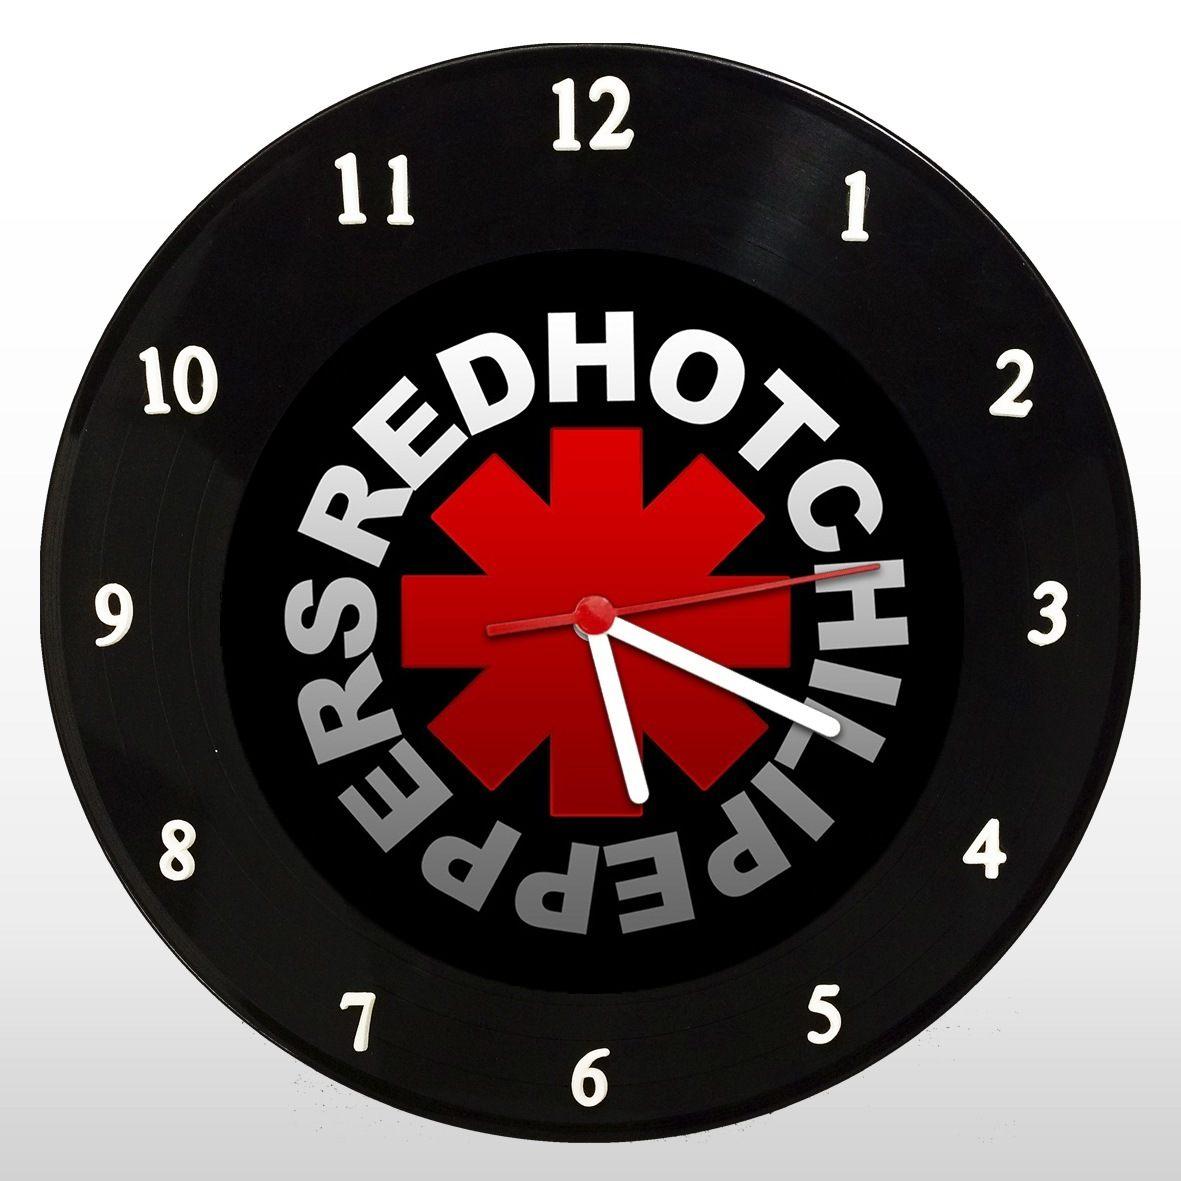 Red Hot Chili Peppers - Relógio de Parede em Disco de Vinil - Mr. Rock